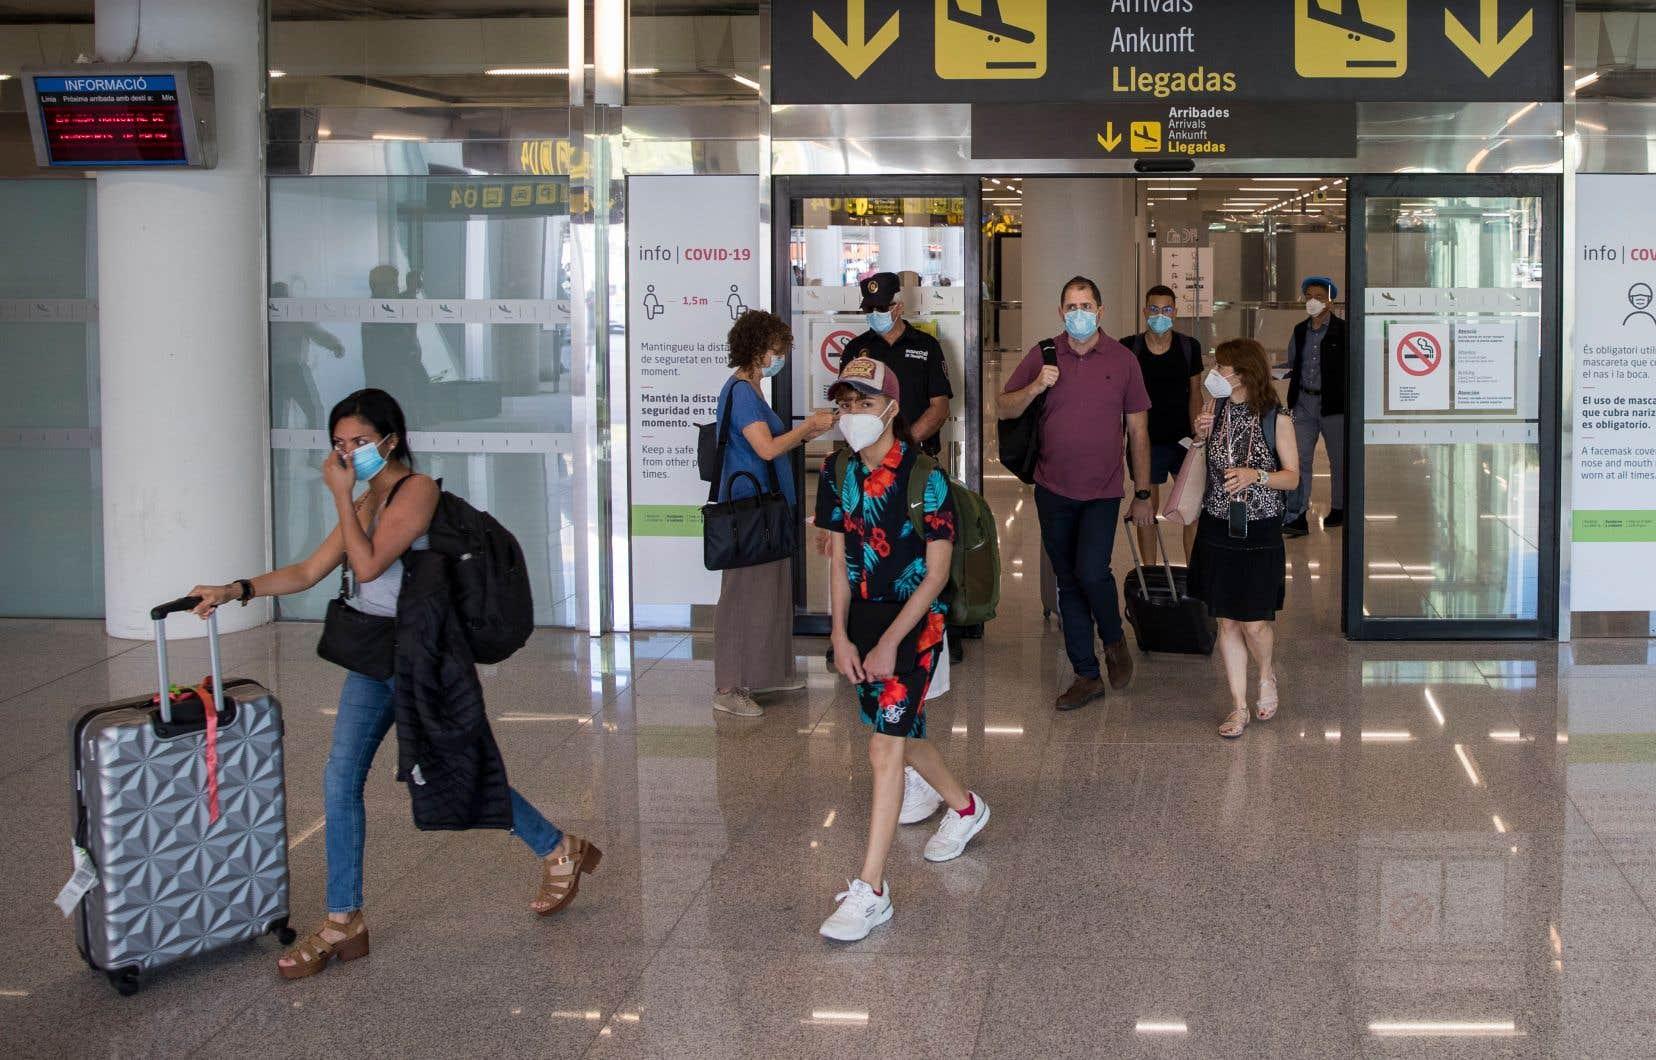 La liste de pays dont la situation épidémiologique liée à la maladie COVID-19 est jugée suffisamment sûre par l'Union européenne pour la reprise des voyages doit être actualisée toutes les deux semaines. Sur la photo, des touristes arrivant à l'aéroportSon Sant Joan de Palma de Majorque